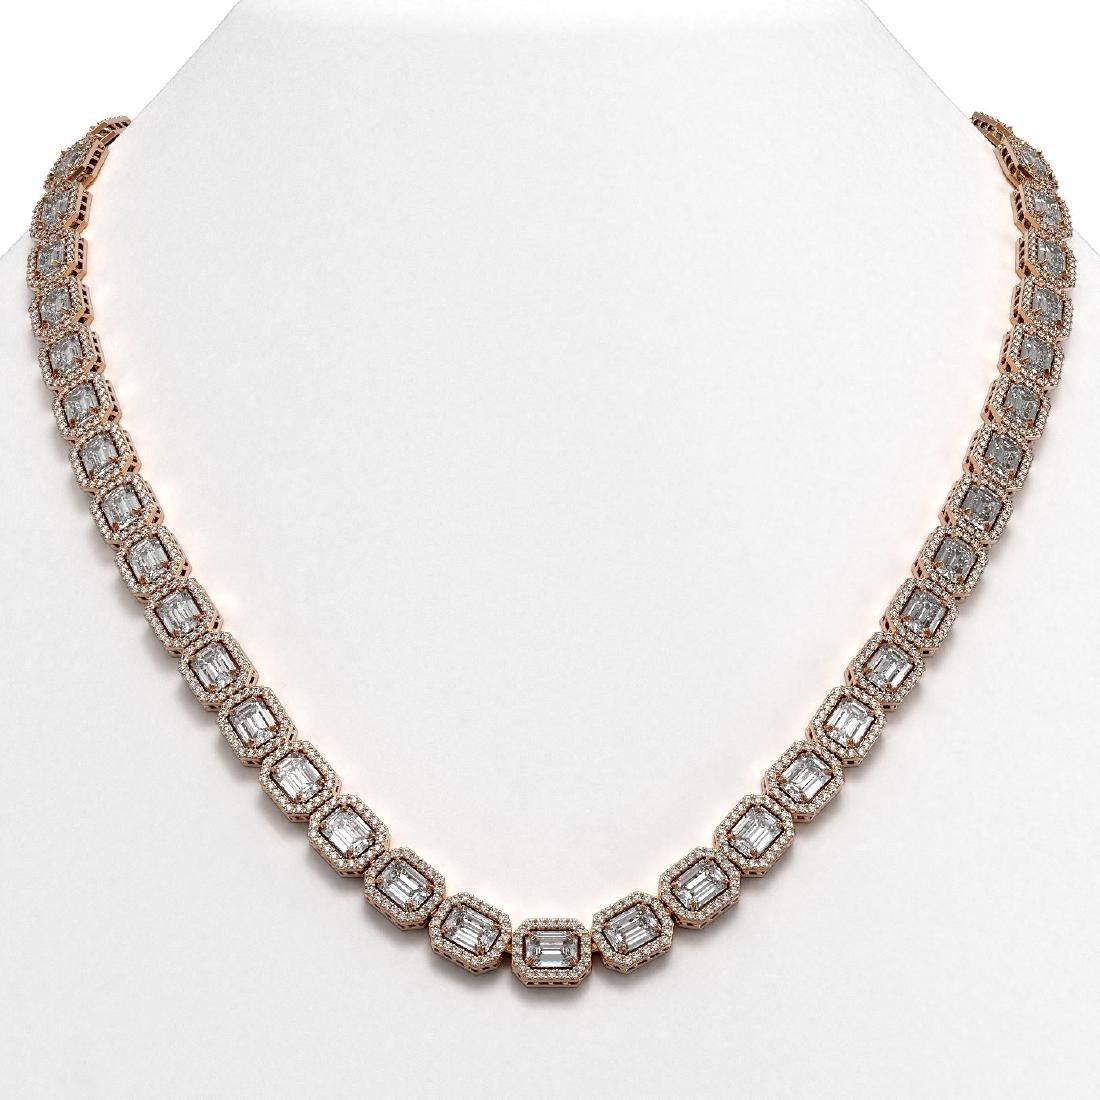 38.05 CTW Emerald Cut Diamond Designer Necklace 18K